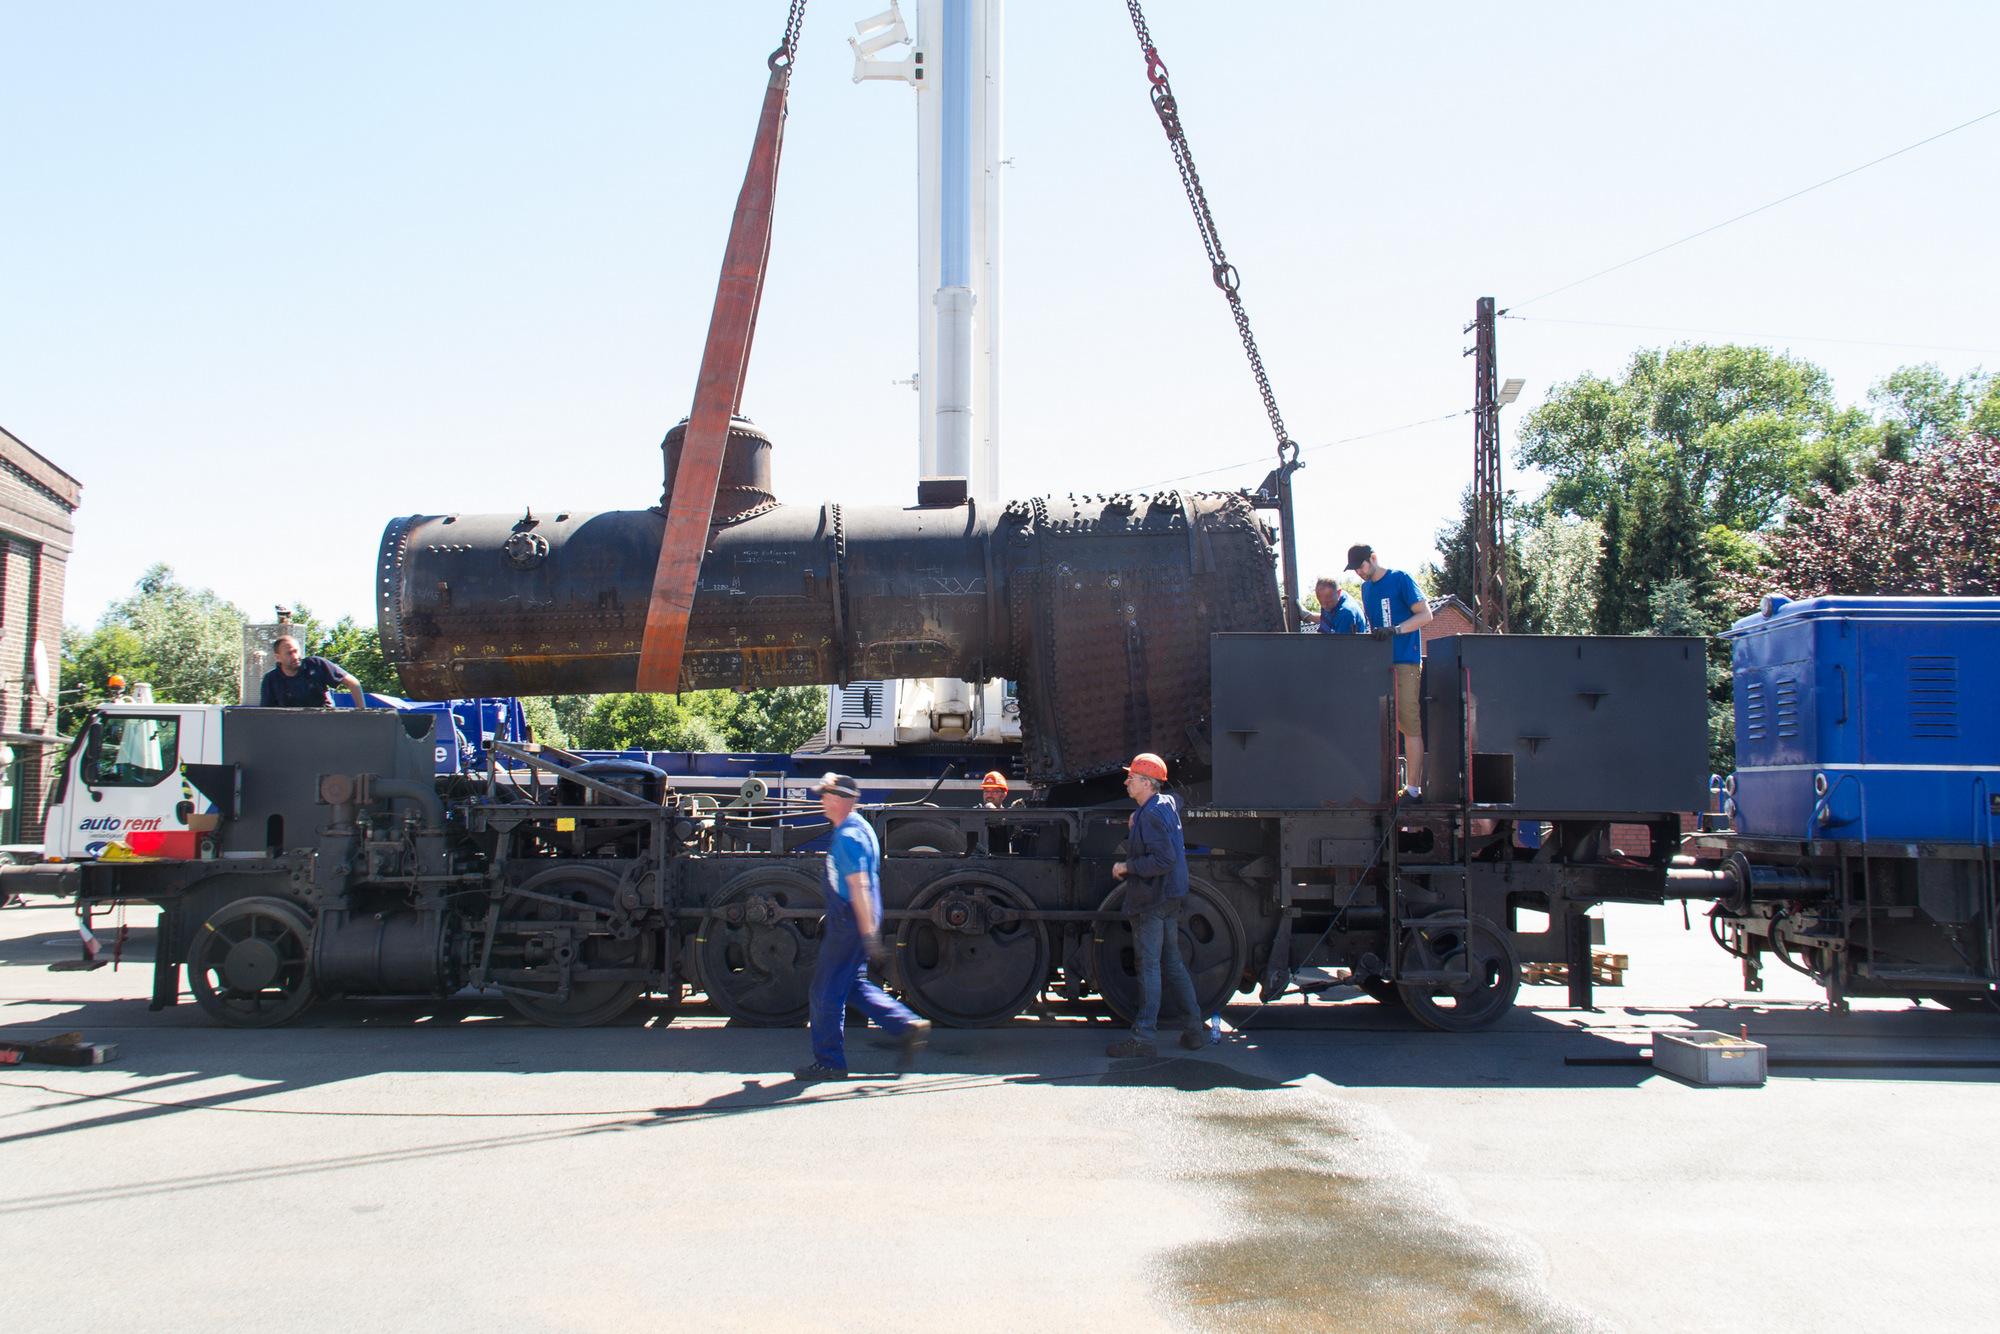 Dampflok LIPPERLAND - Komplettierter Kessel wieder auf dem Fahrwerk ...